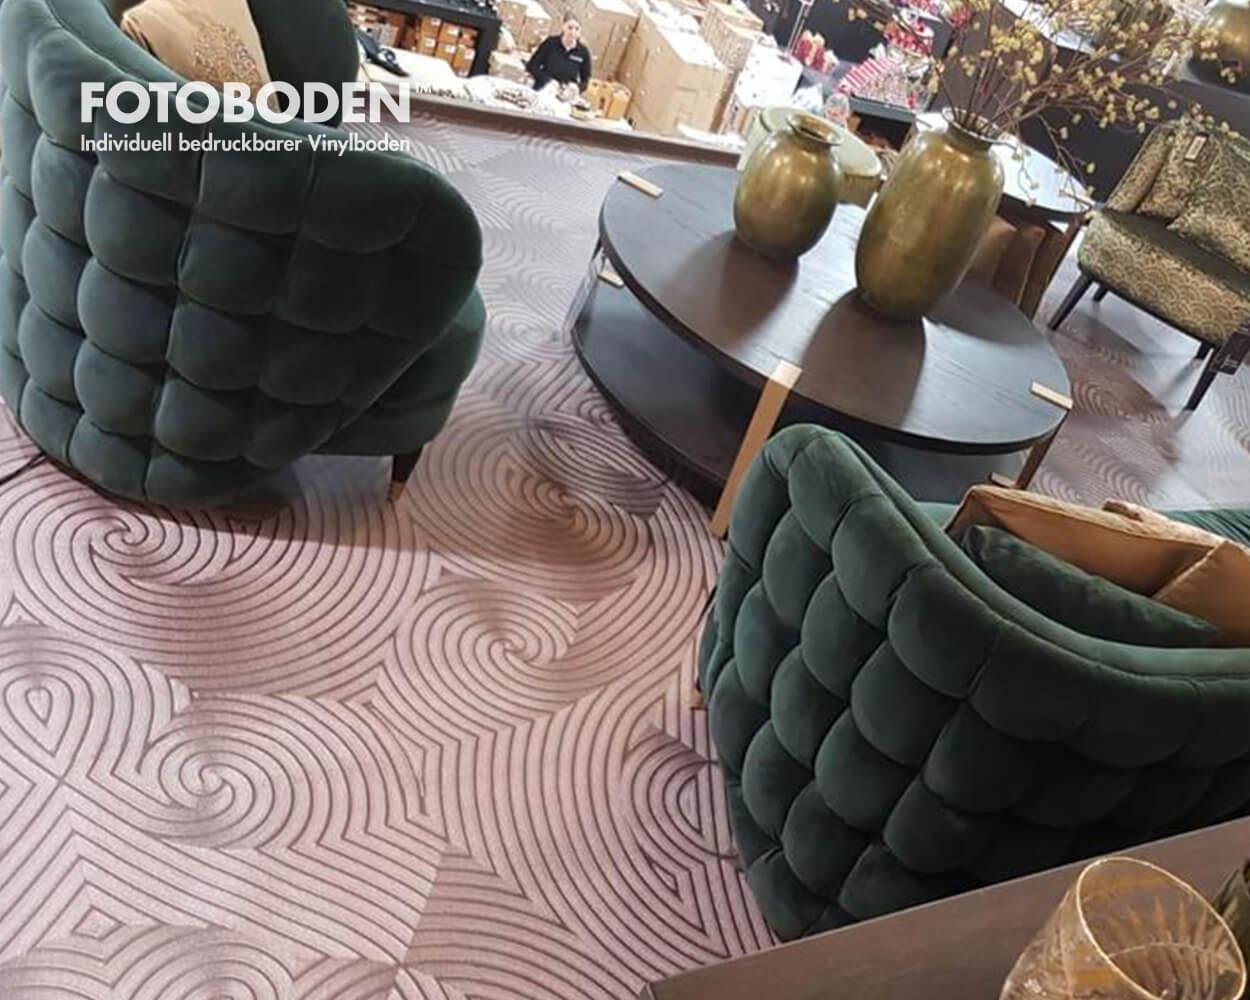 Möbelhaus venlo design vinylboden